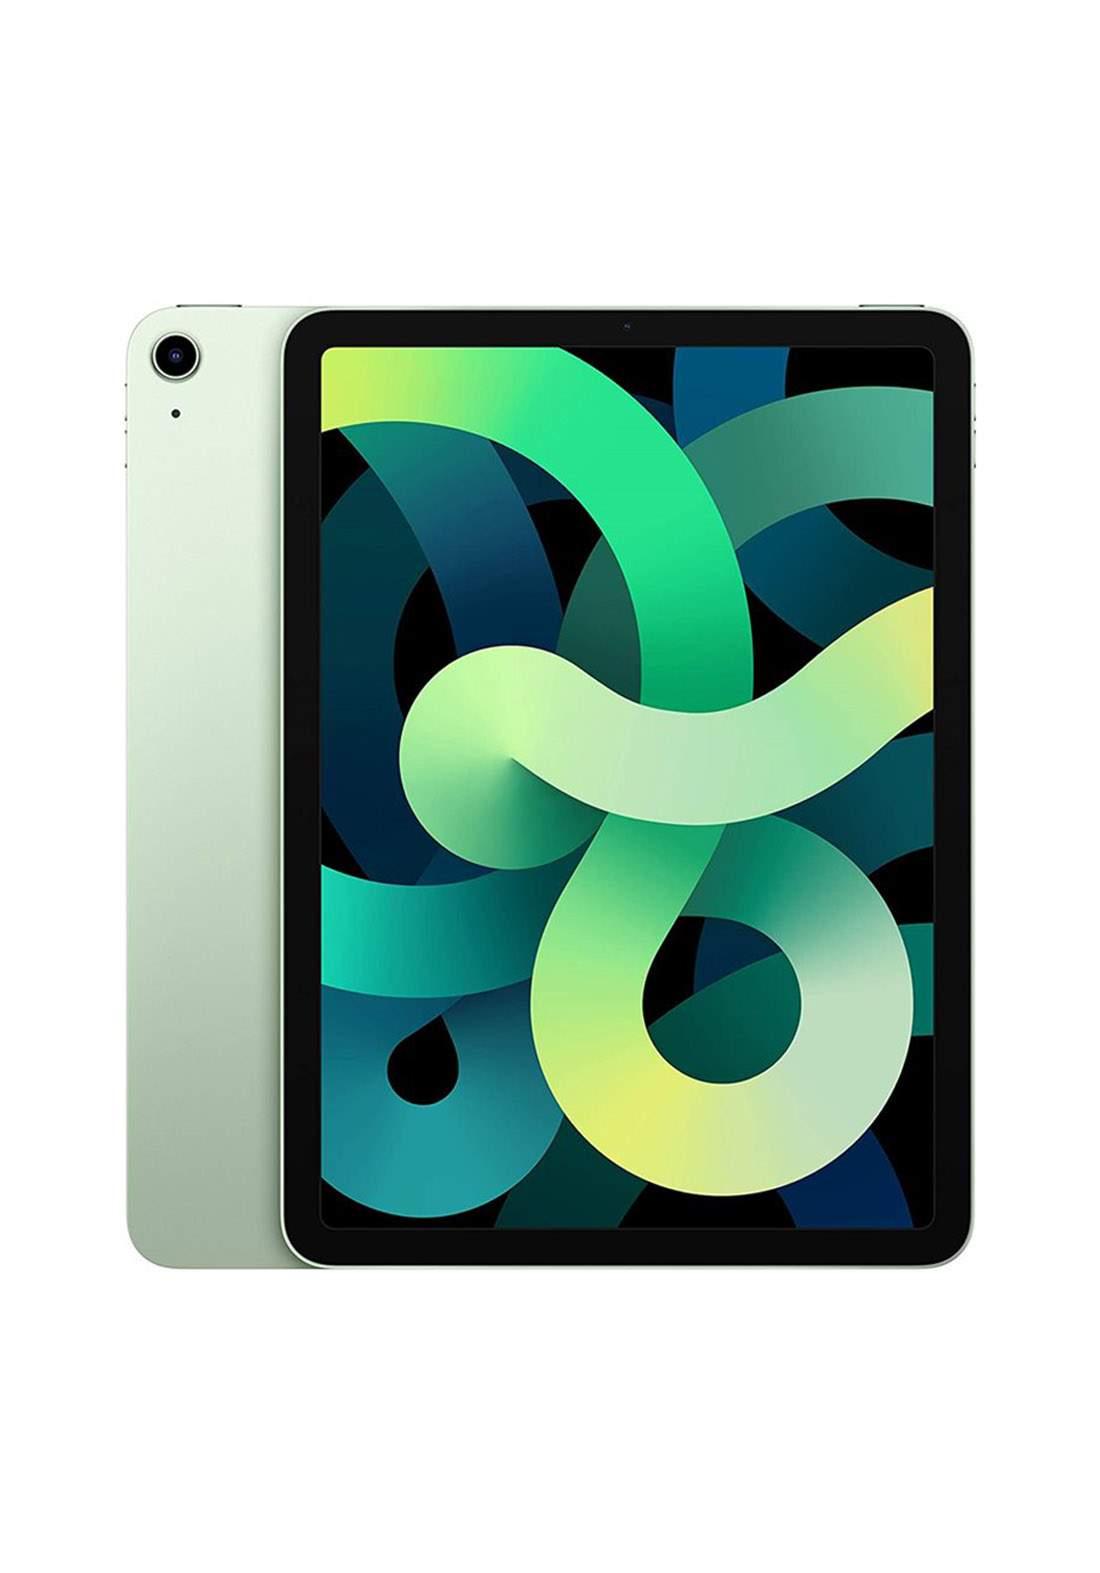 Apple iPad Air WiFi 4GB RAM 64GB - Green